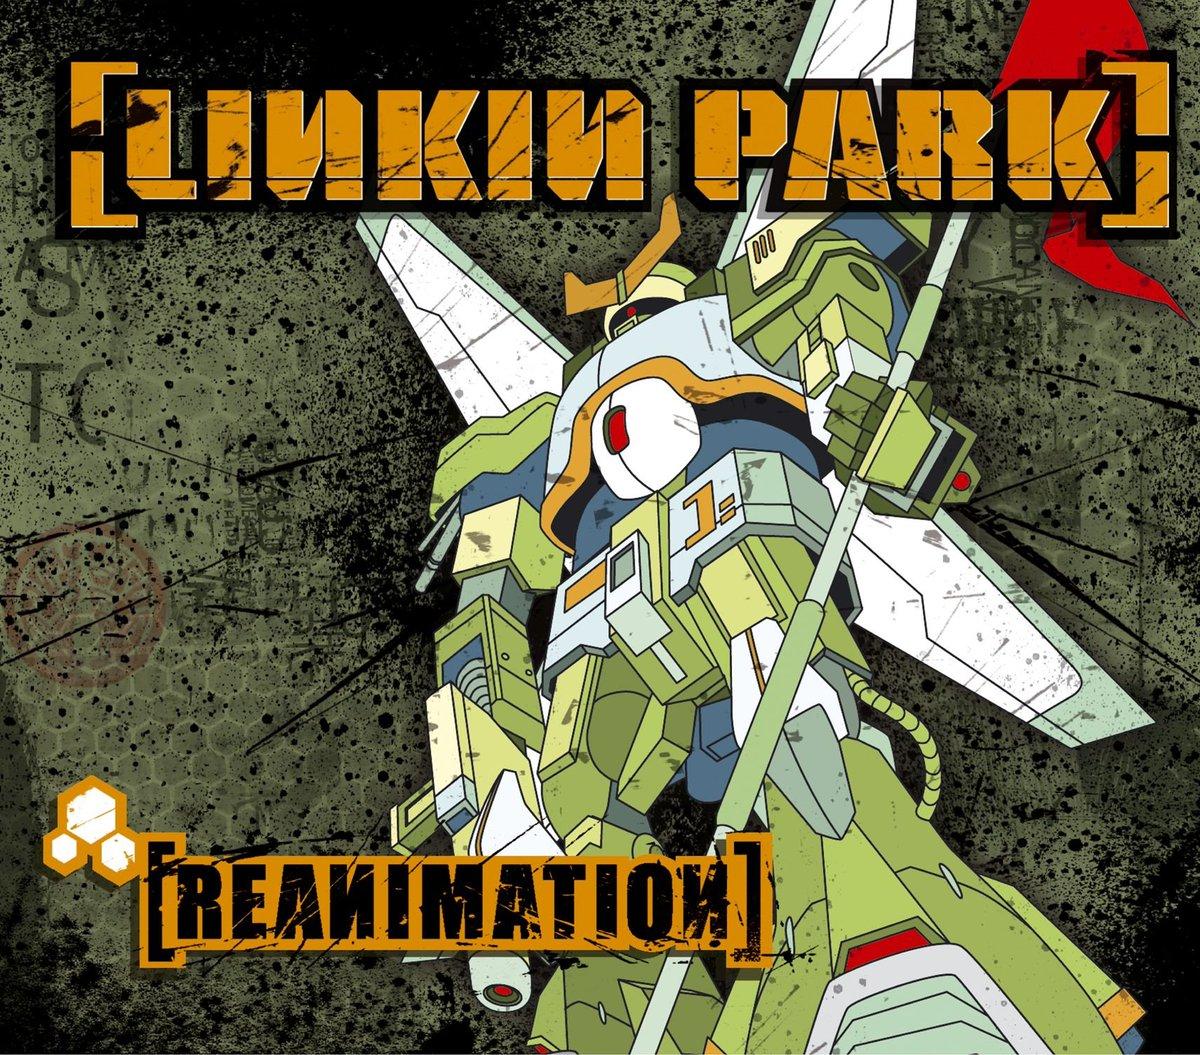 Linkin Park Live On Twitter Happybirthdayreanimation On